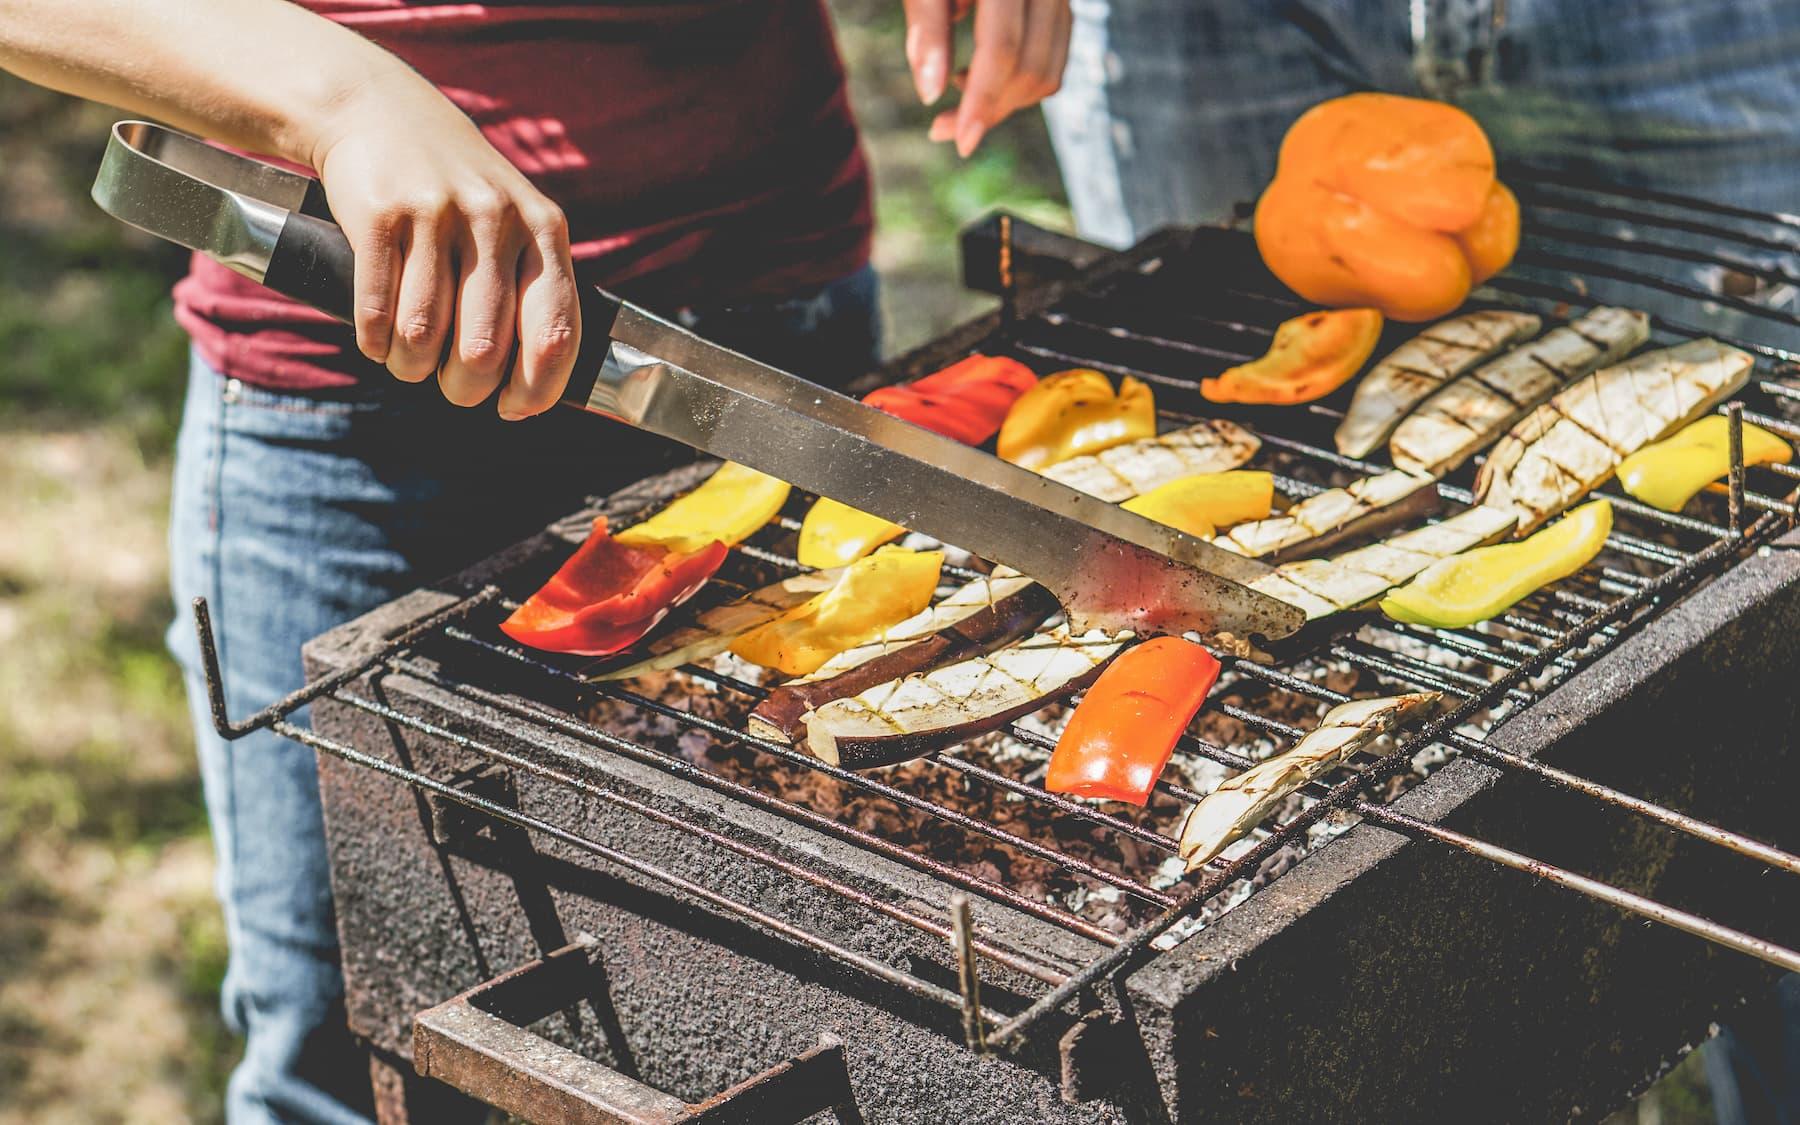 bakłażany na grilla